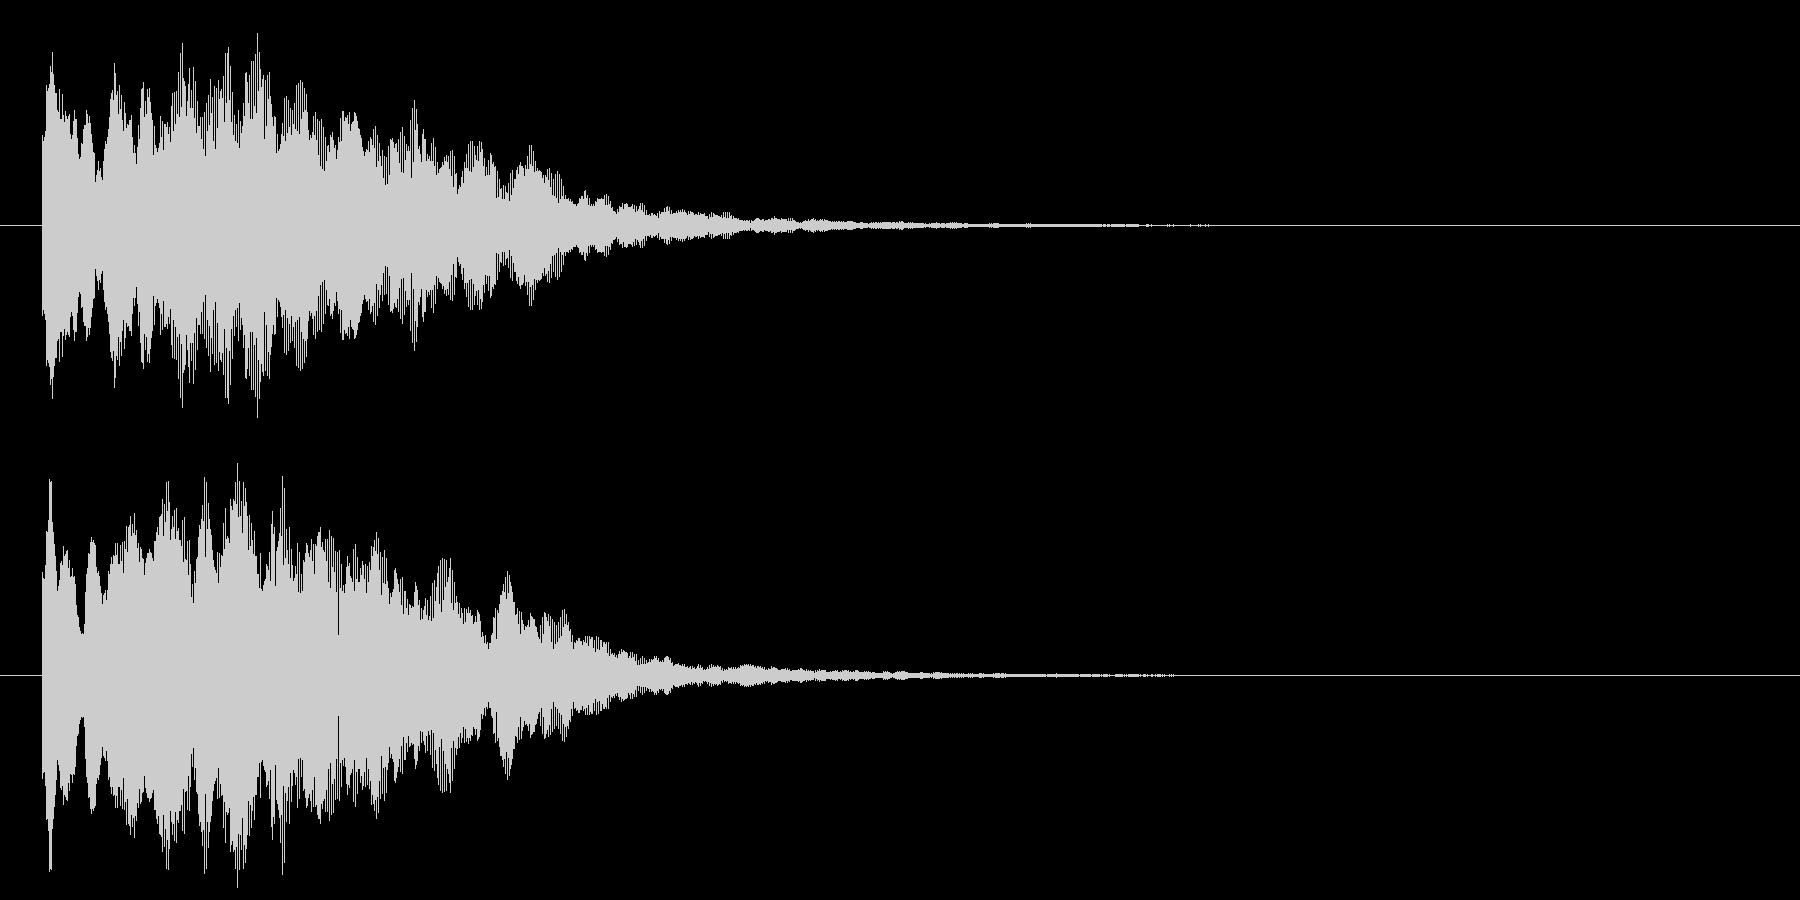 古いパソコンの終了音風ジングル2の未再生の波形